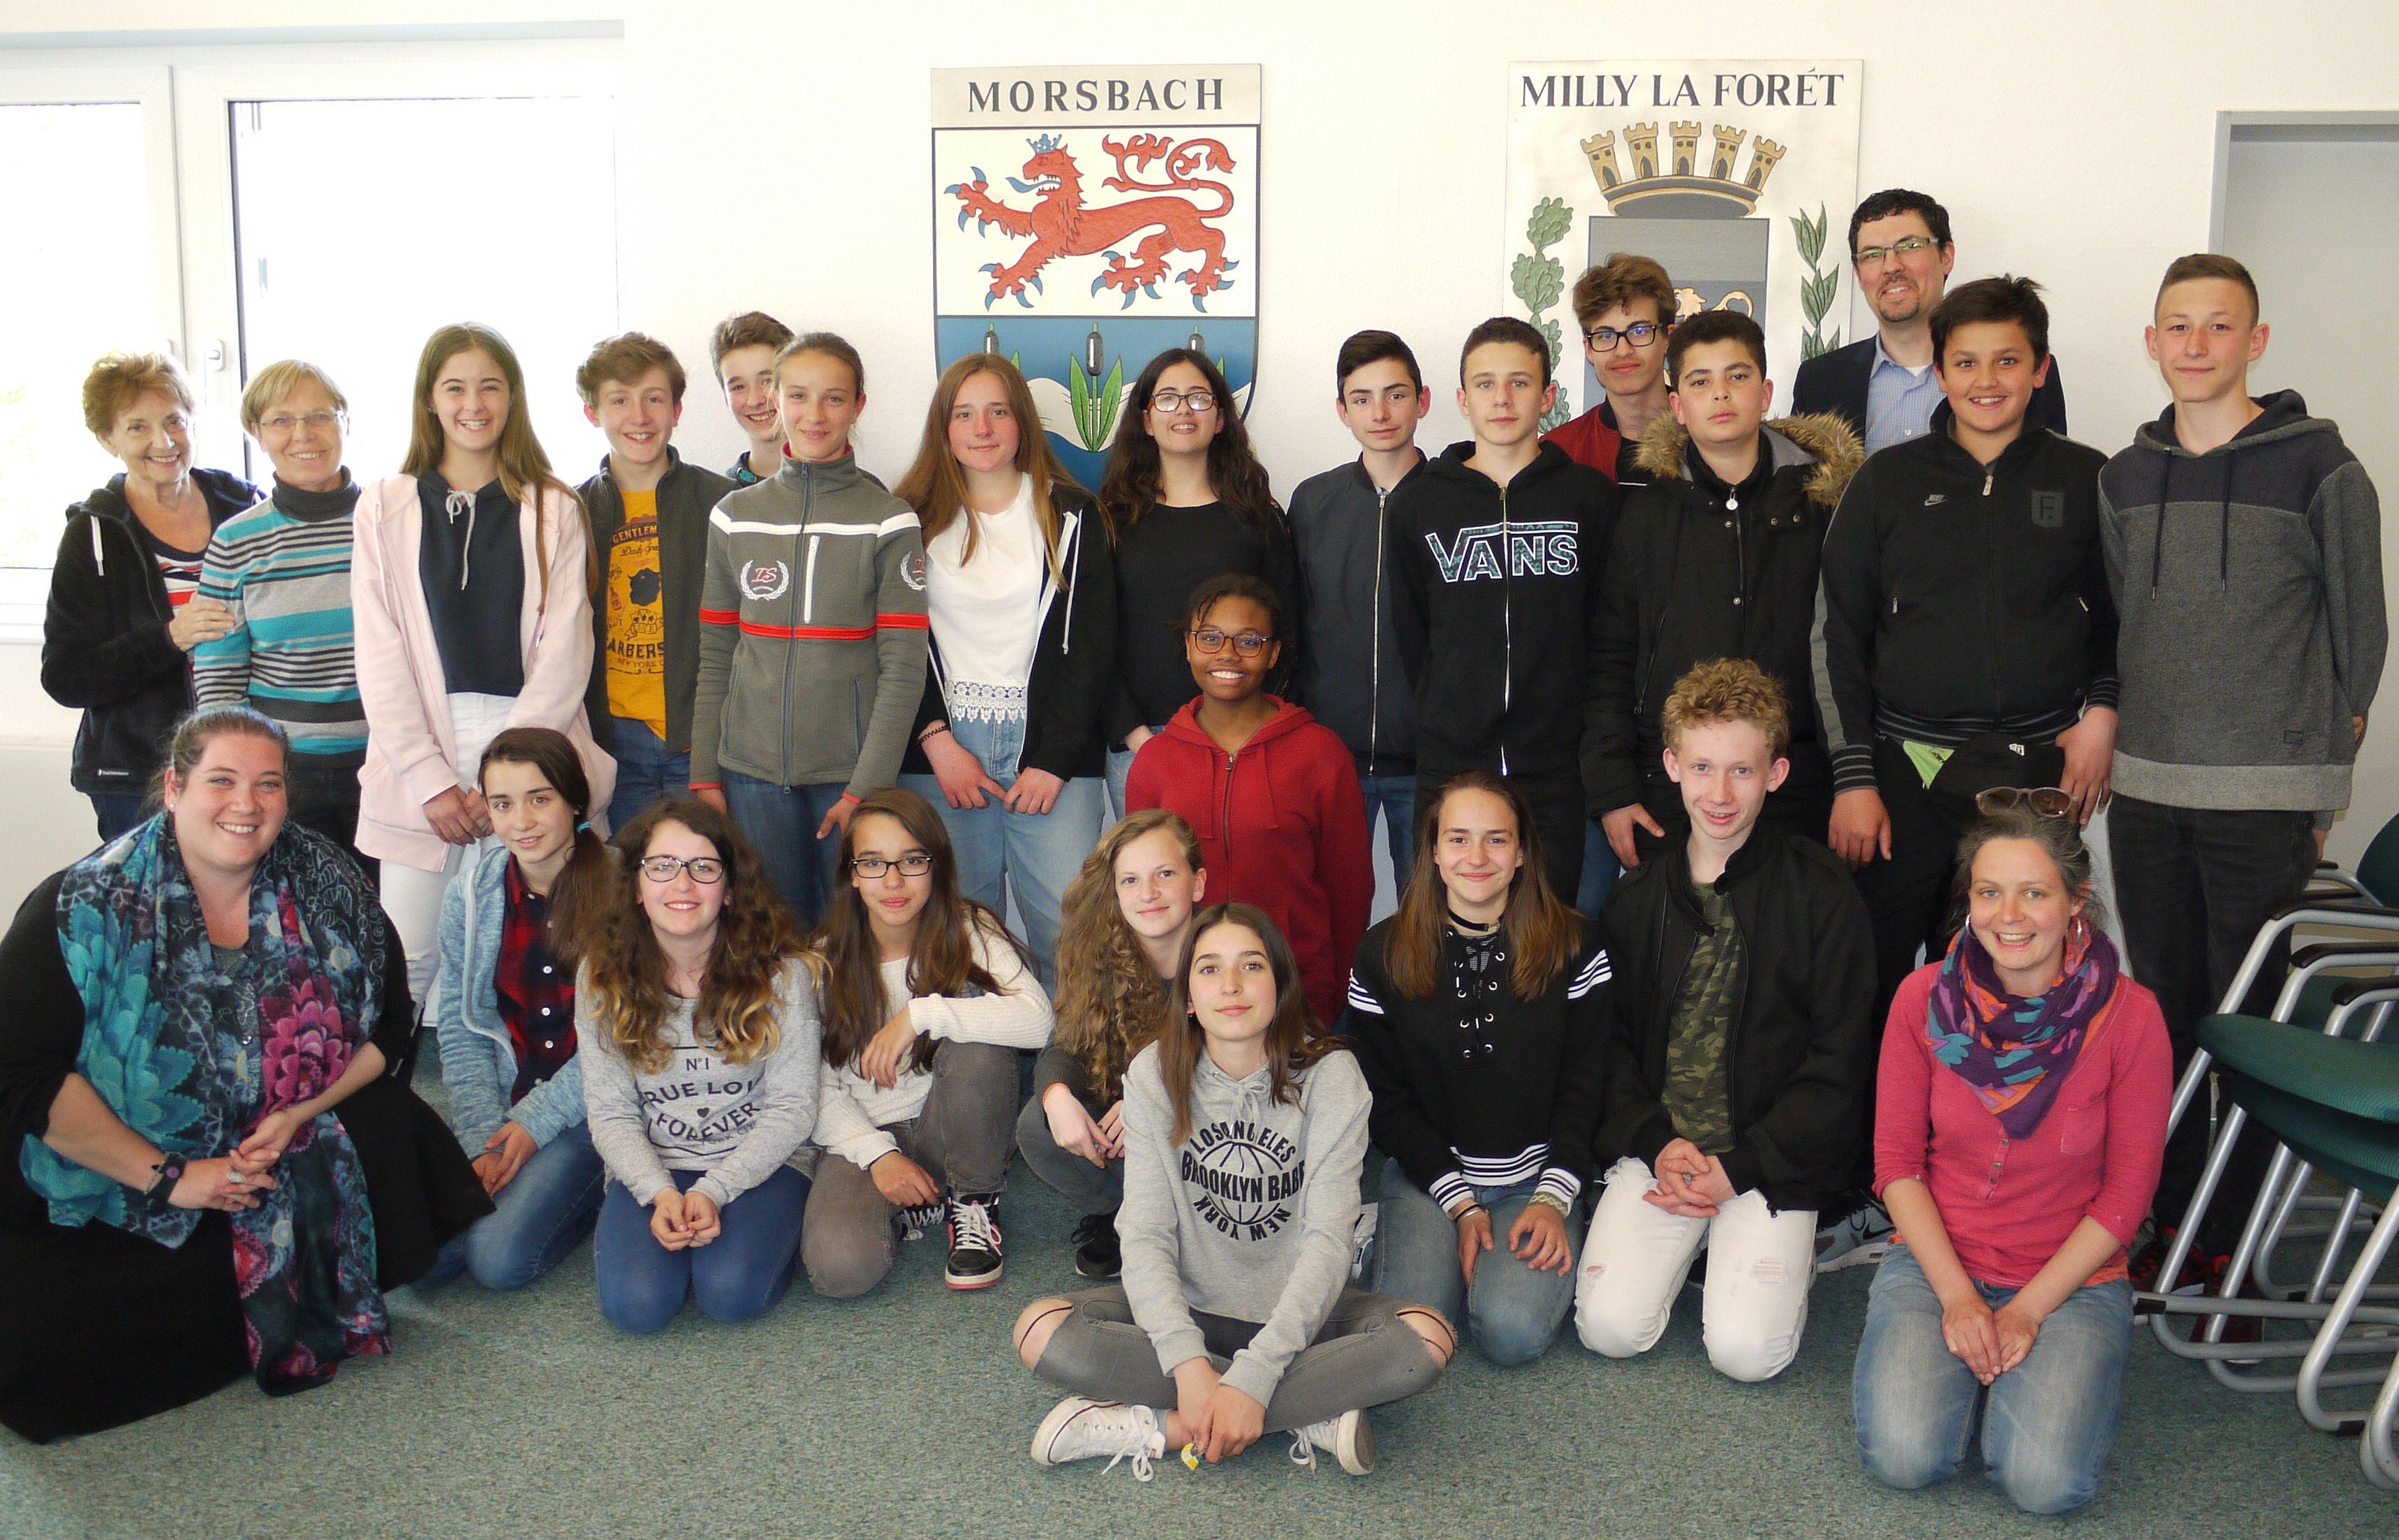 Die französischen SchülerInnen und die begleitenden Lehrerinnen wurden von Bürgermeister Jörg Bukowski herzlich im Sitzungssaal des Rathauses empfangen. Foto: C. Buchen